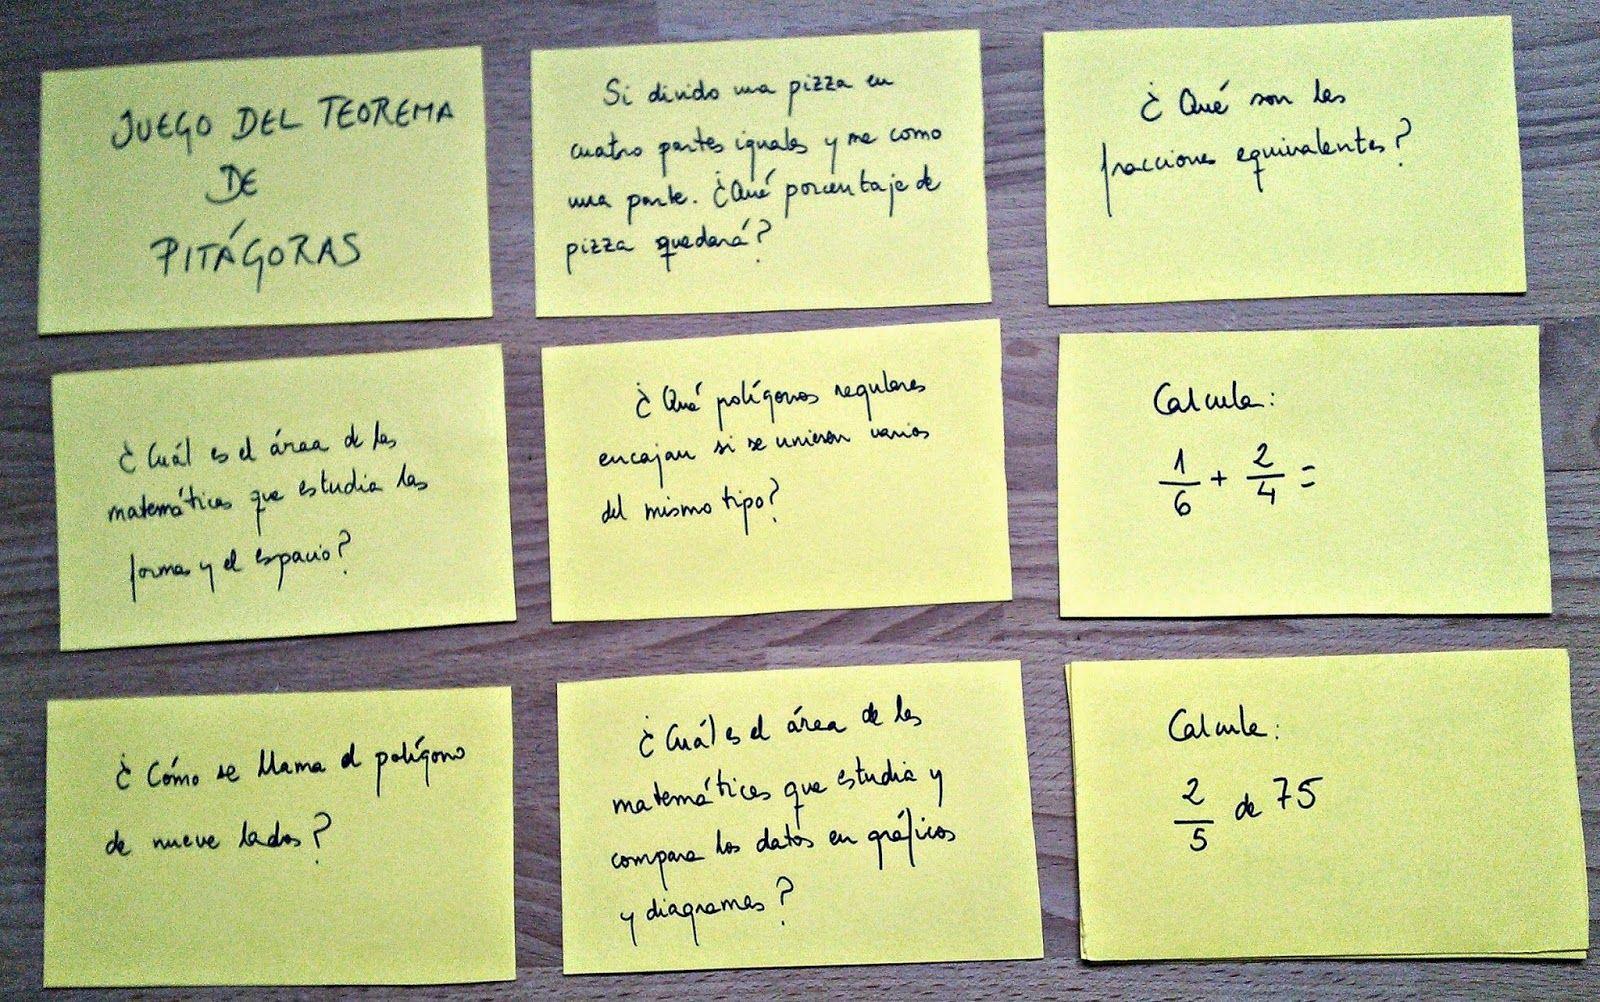 Tarjetas Con Preguntas Variadas Sobre Conceptos